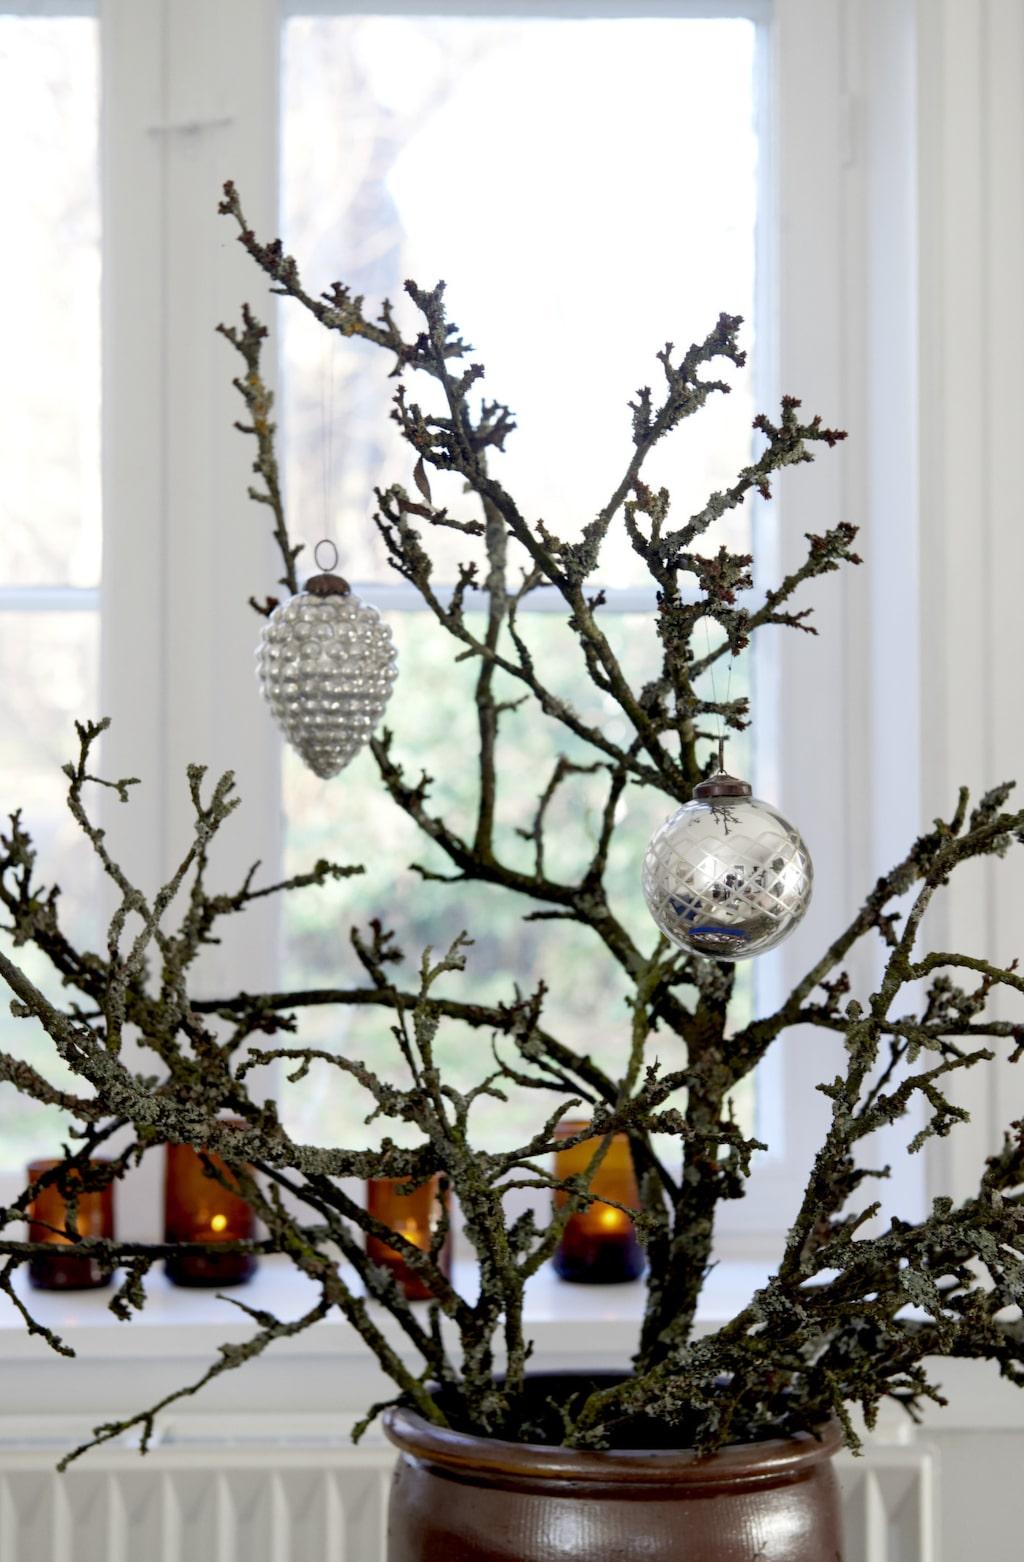 Vardagsrummet är dekorerat med en stor kvist som Maj hängt silverkulor i.